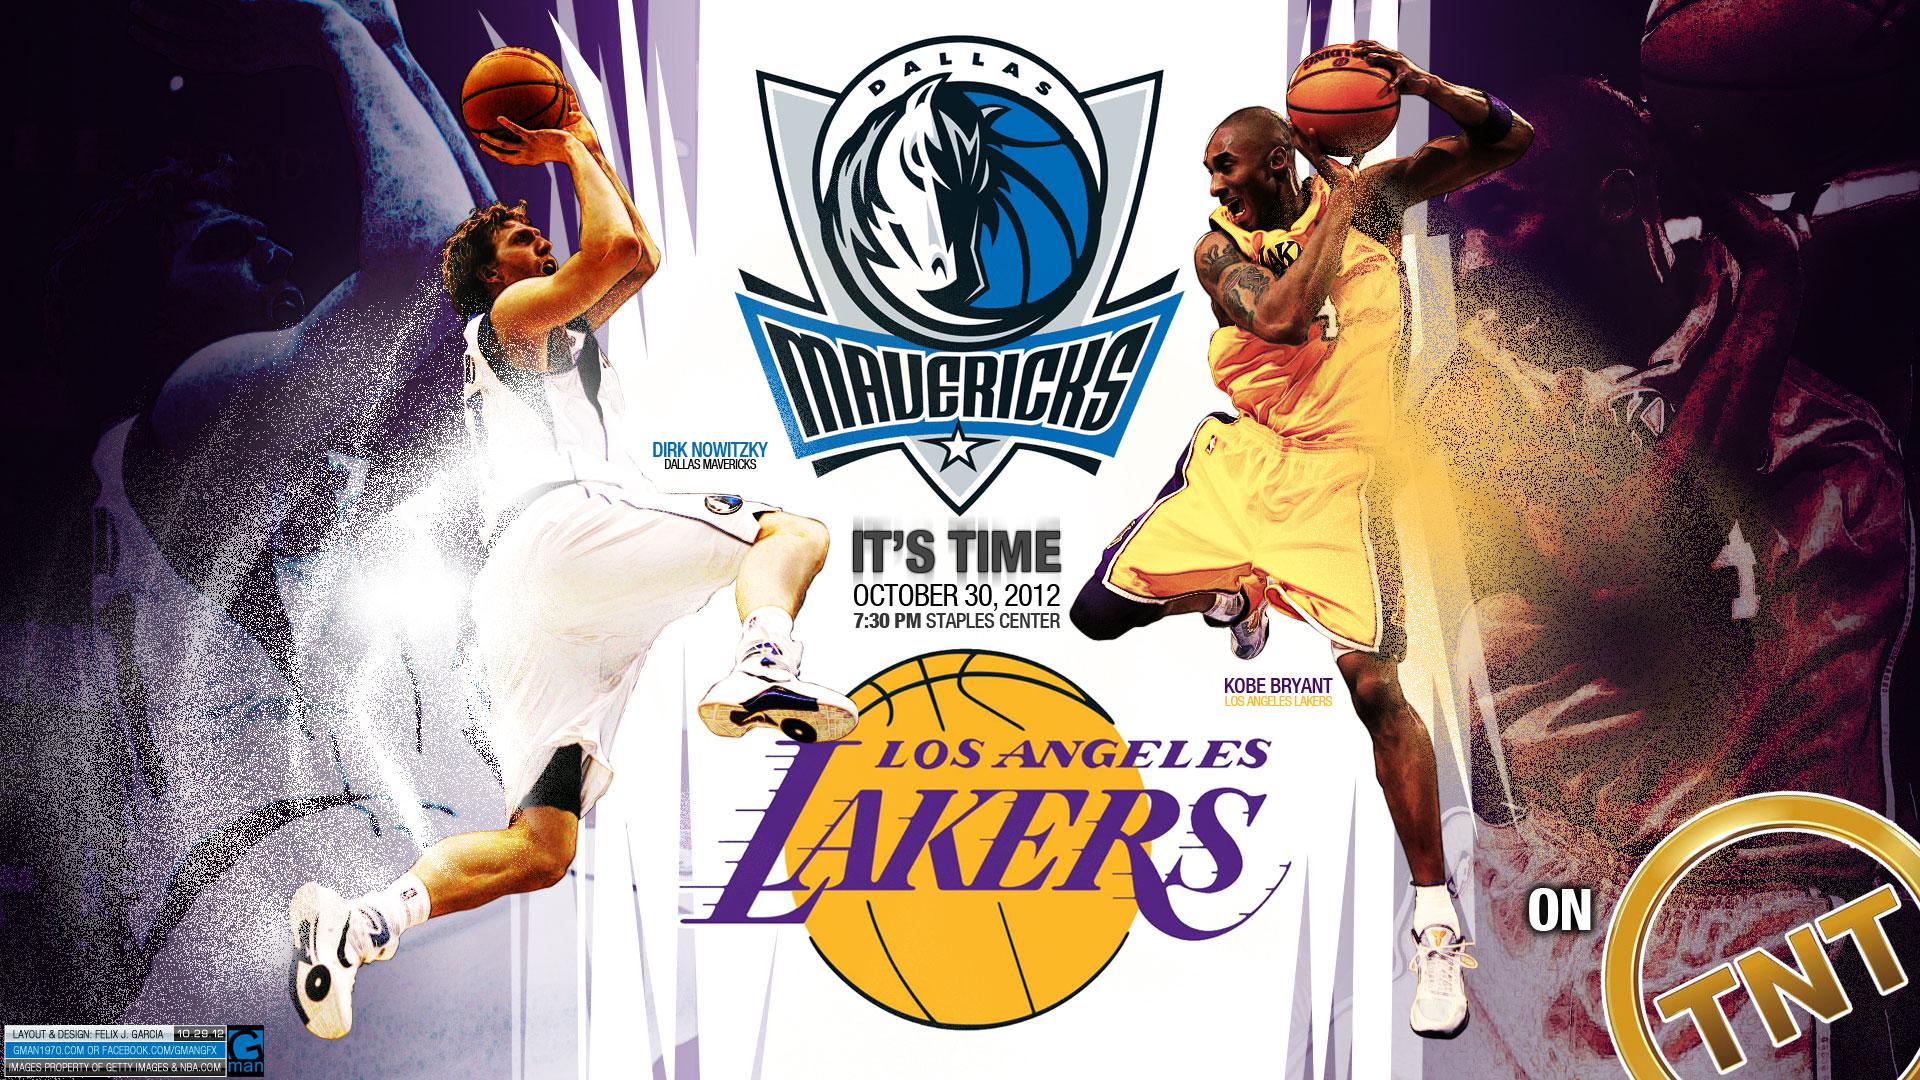 Lakers Mavs 2012 Nba 1920 1080 Wallpaper Basketball Wallpapers At Basketwallpapers Com